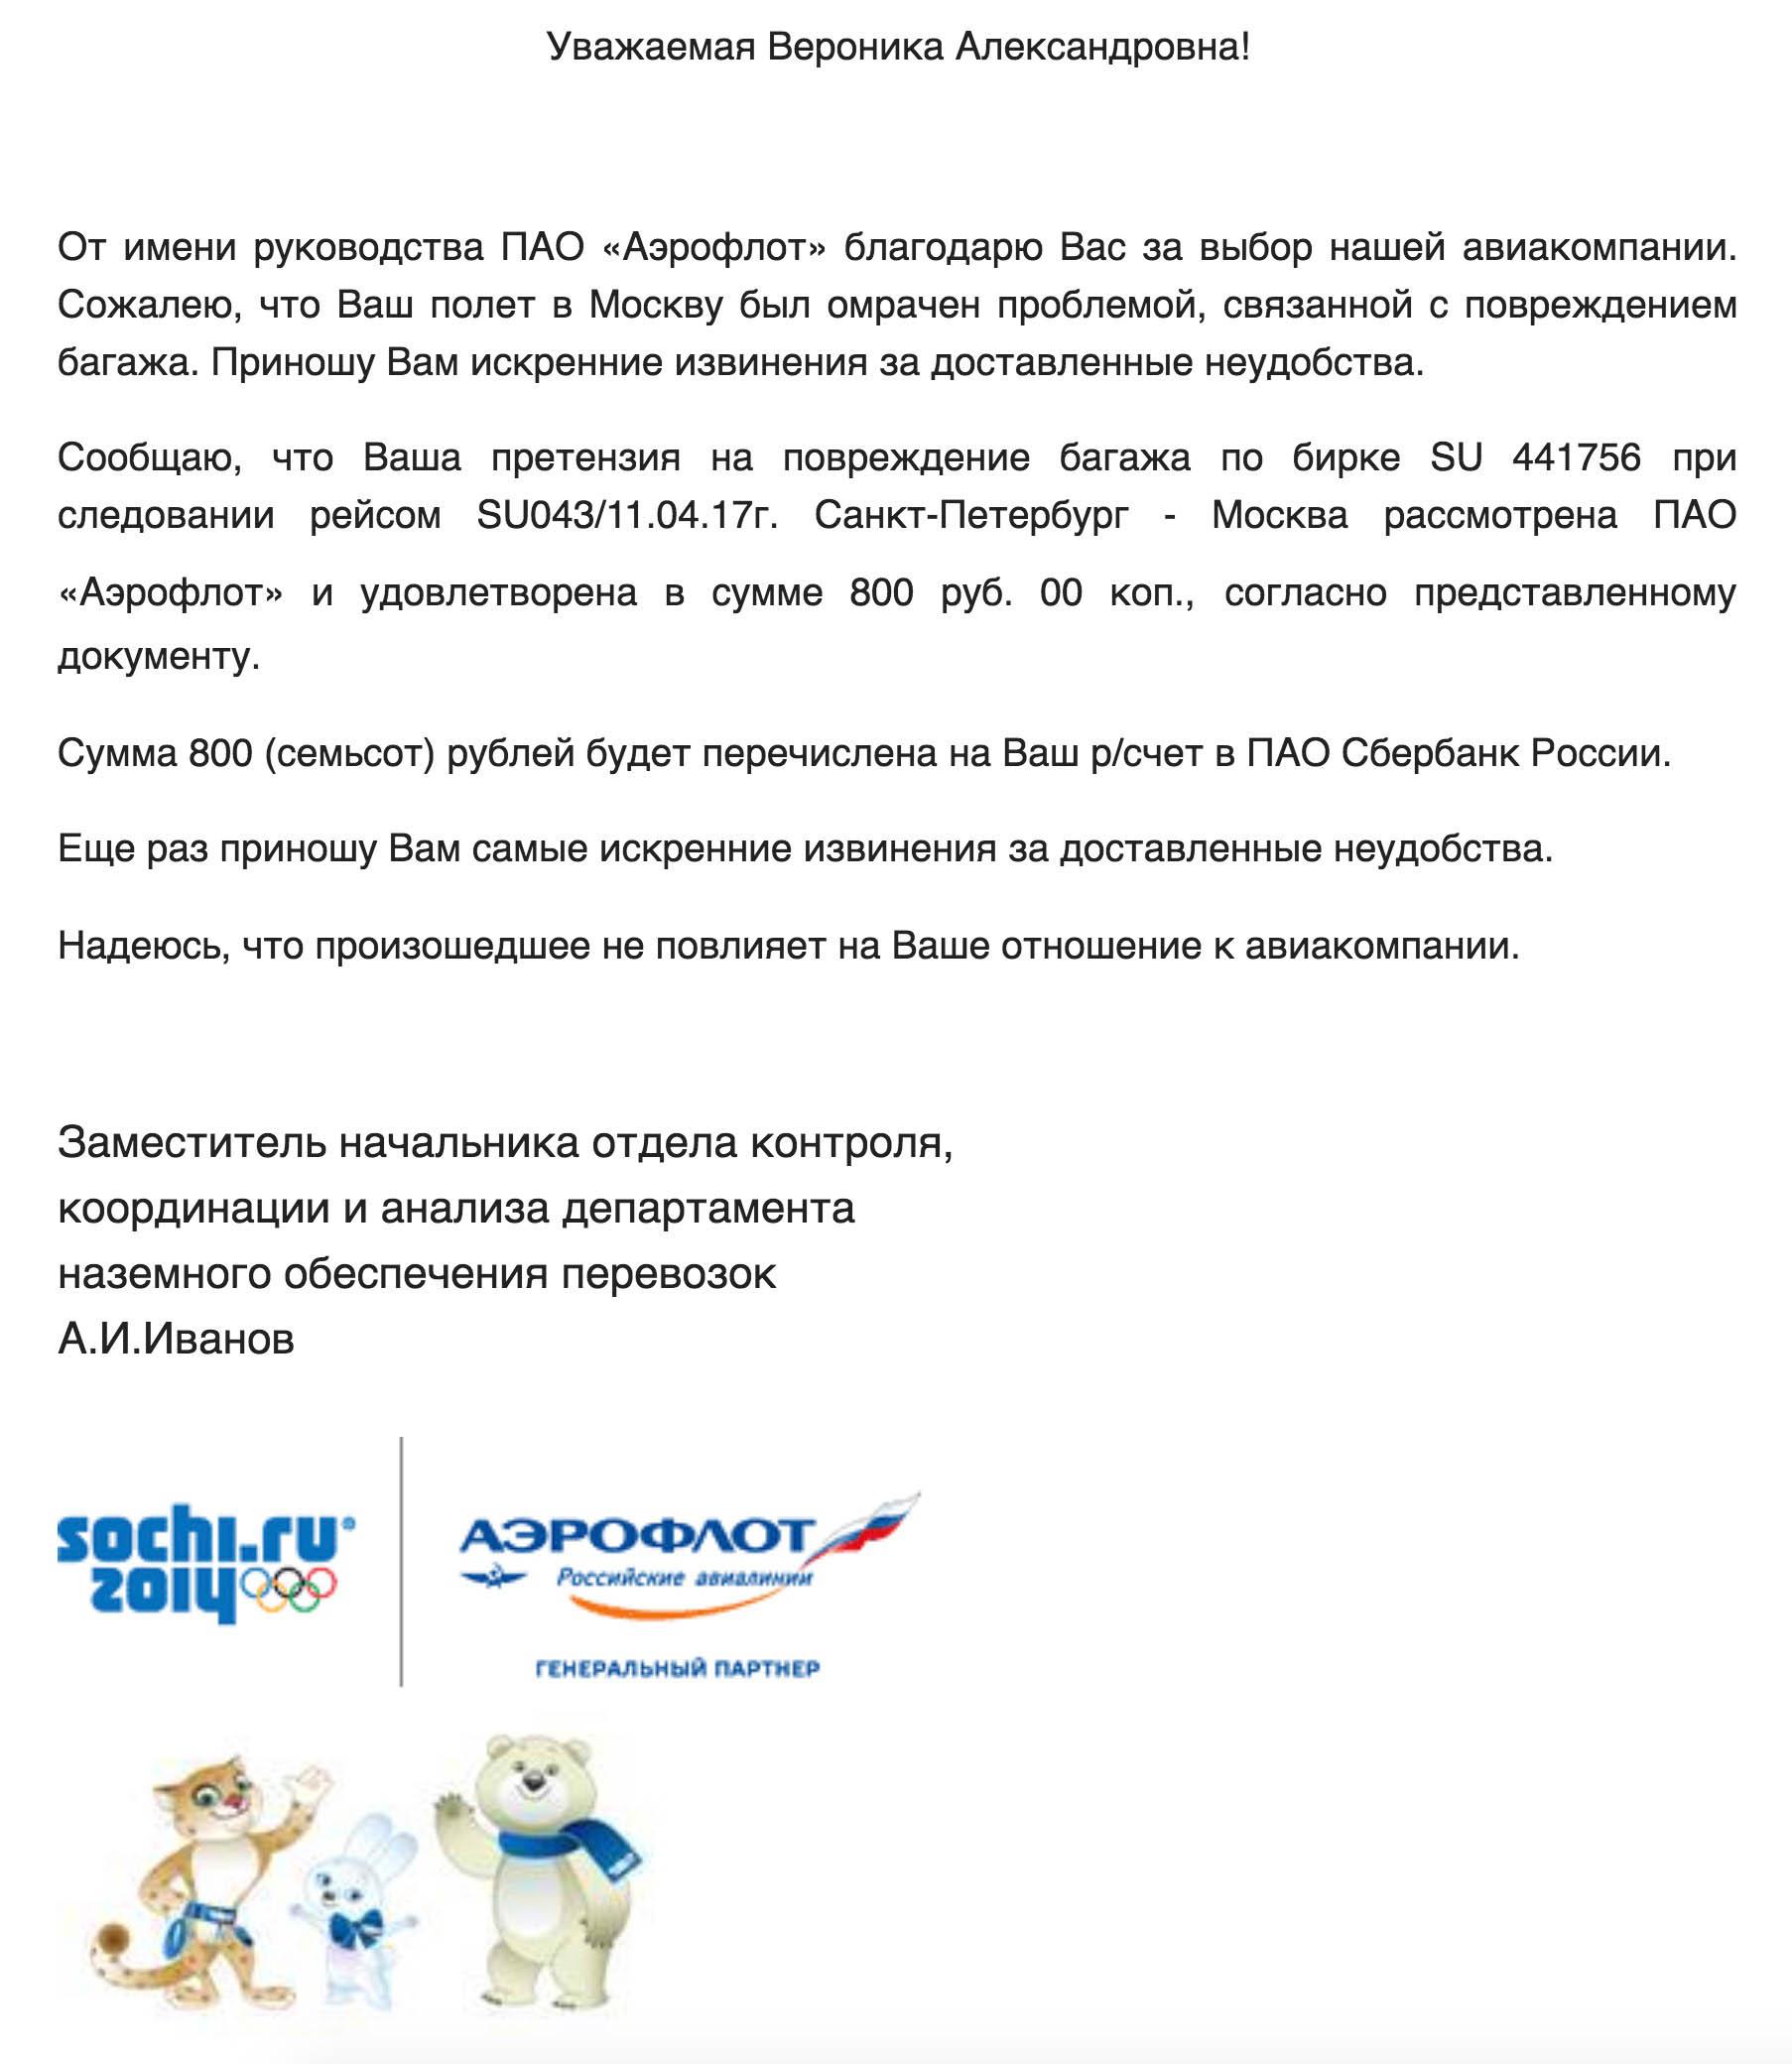 Письмо от «Аэрофлота» о том, что они перечислили компенсацию за ремонт коляски